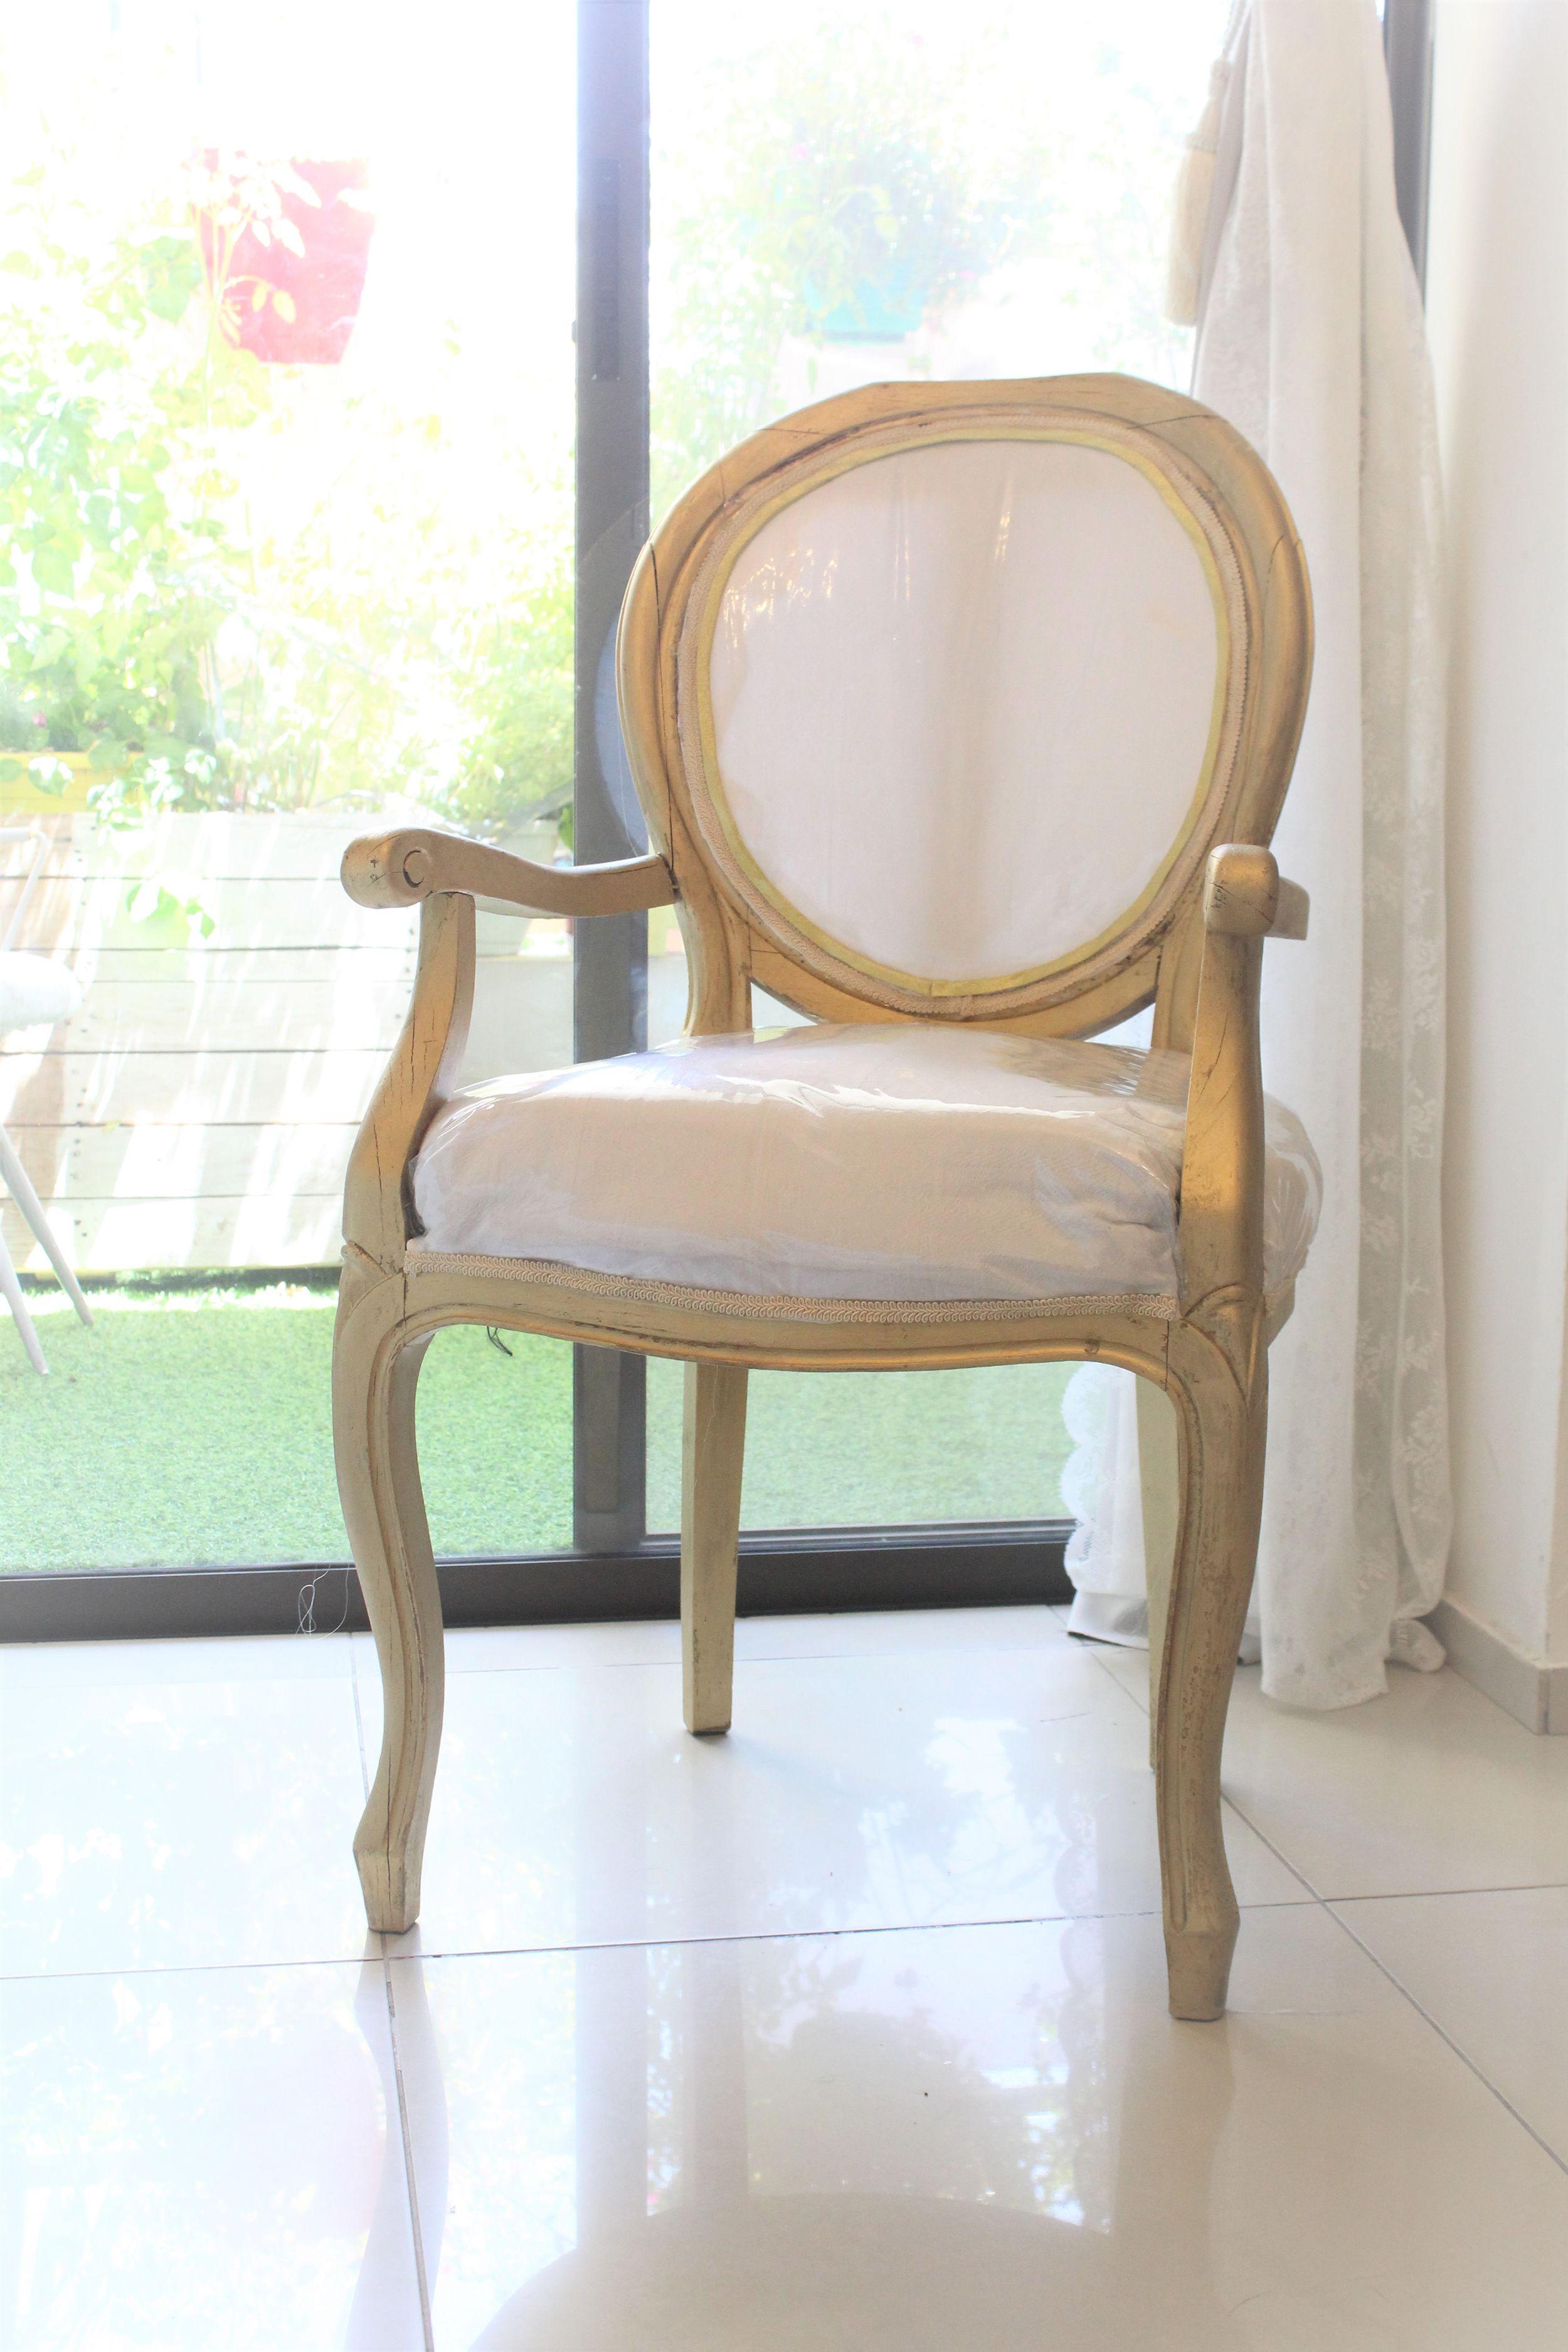 IMG 4198 - חידוש כסא עתיק